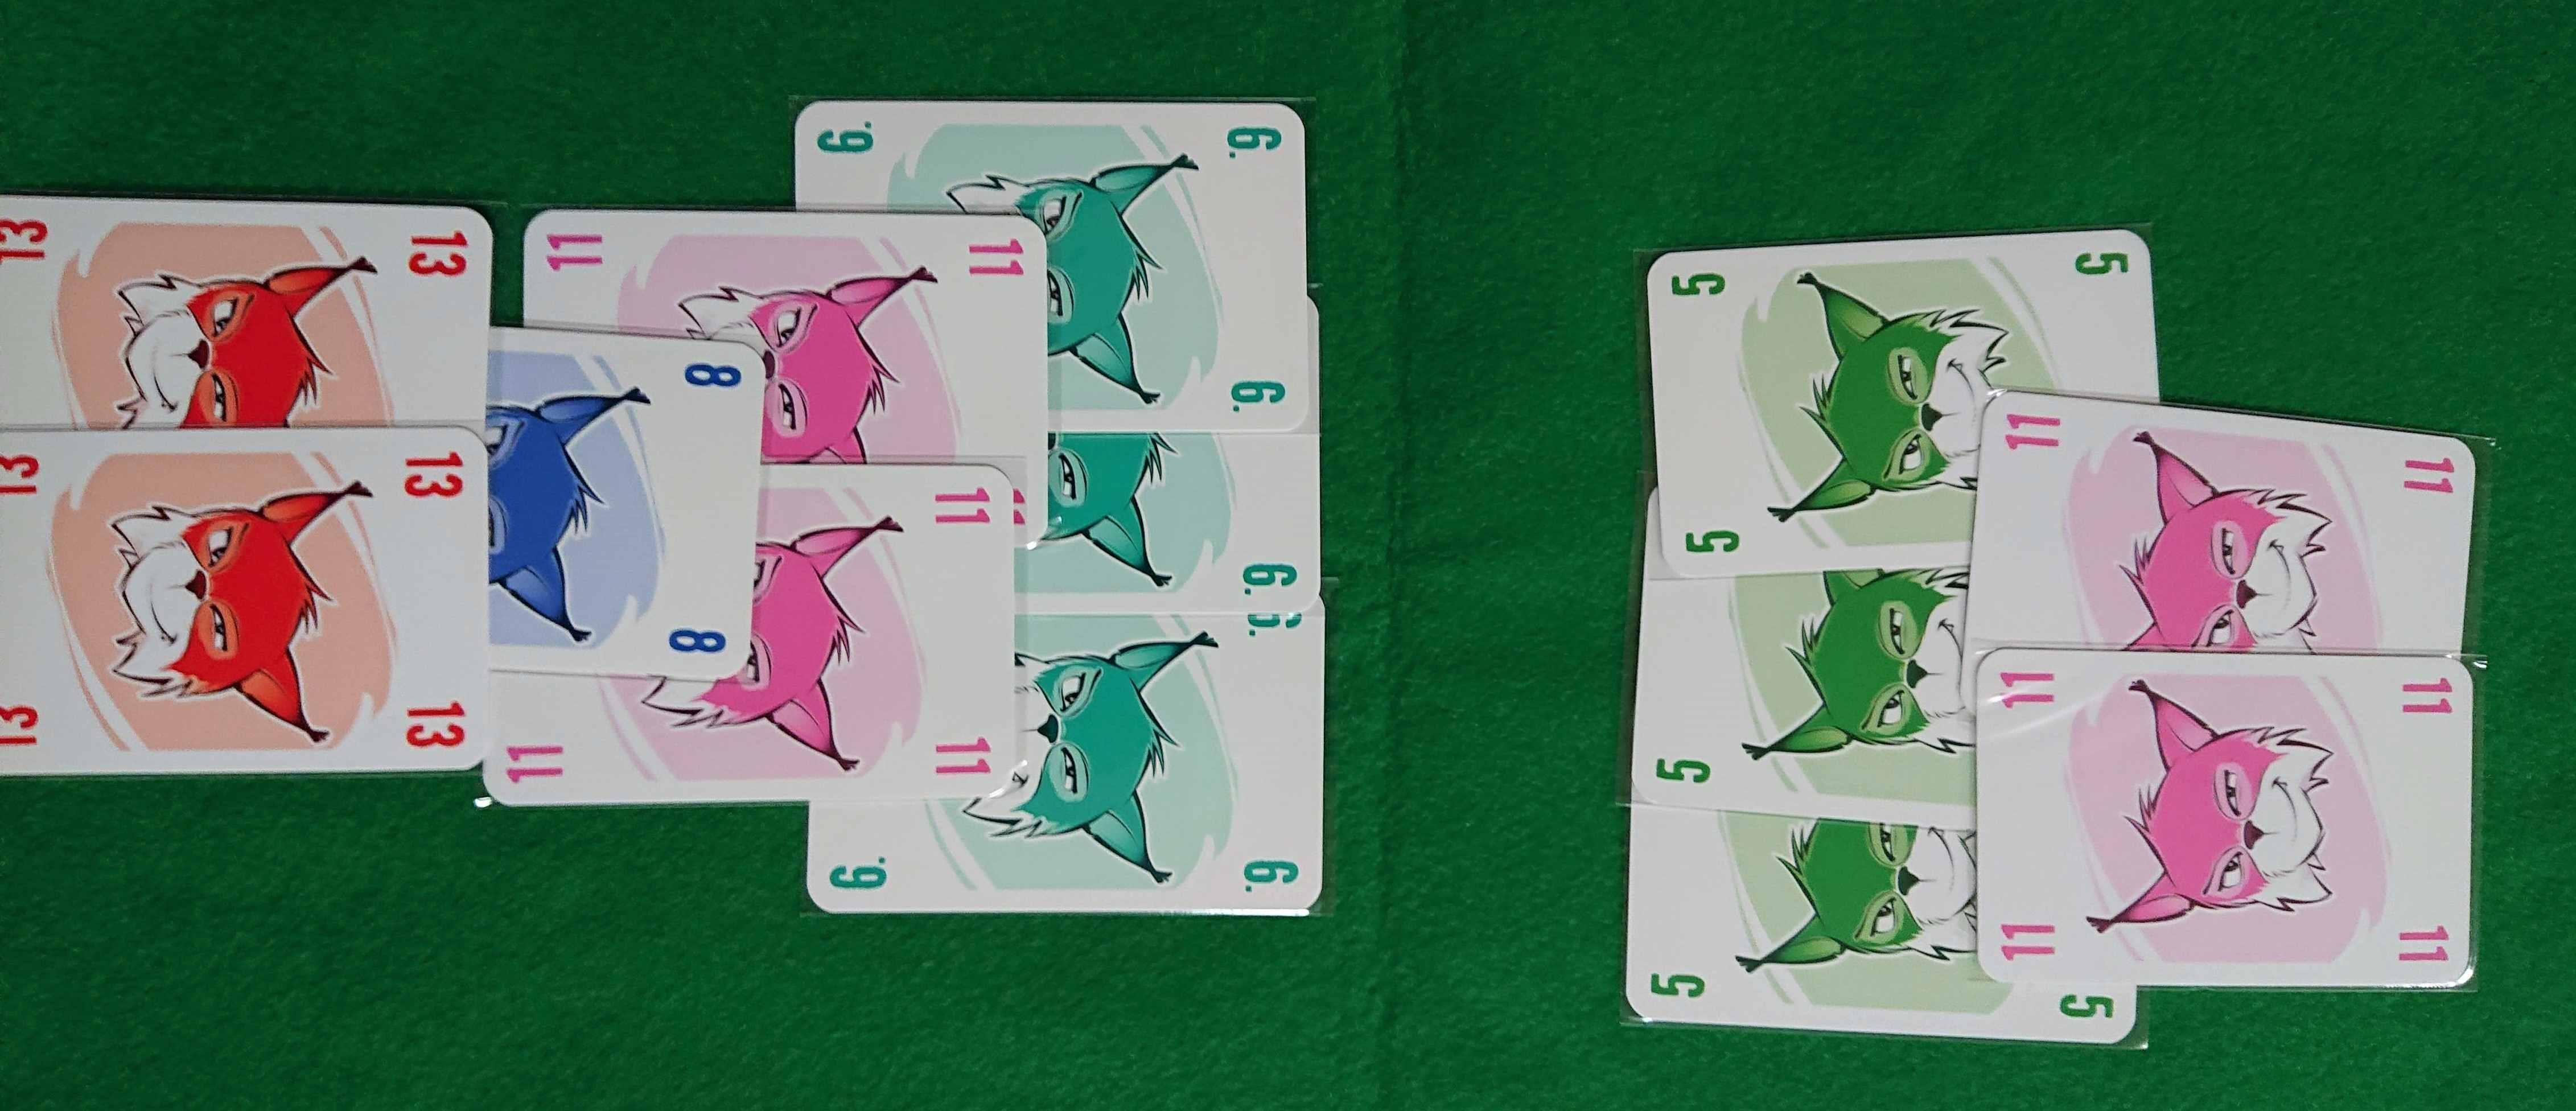 アブルクセン 傑作カードゲーム 相手を攻撃するのは得か損か? ボードゲーム